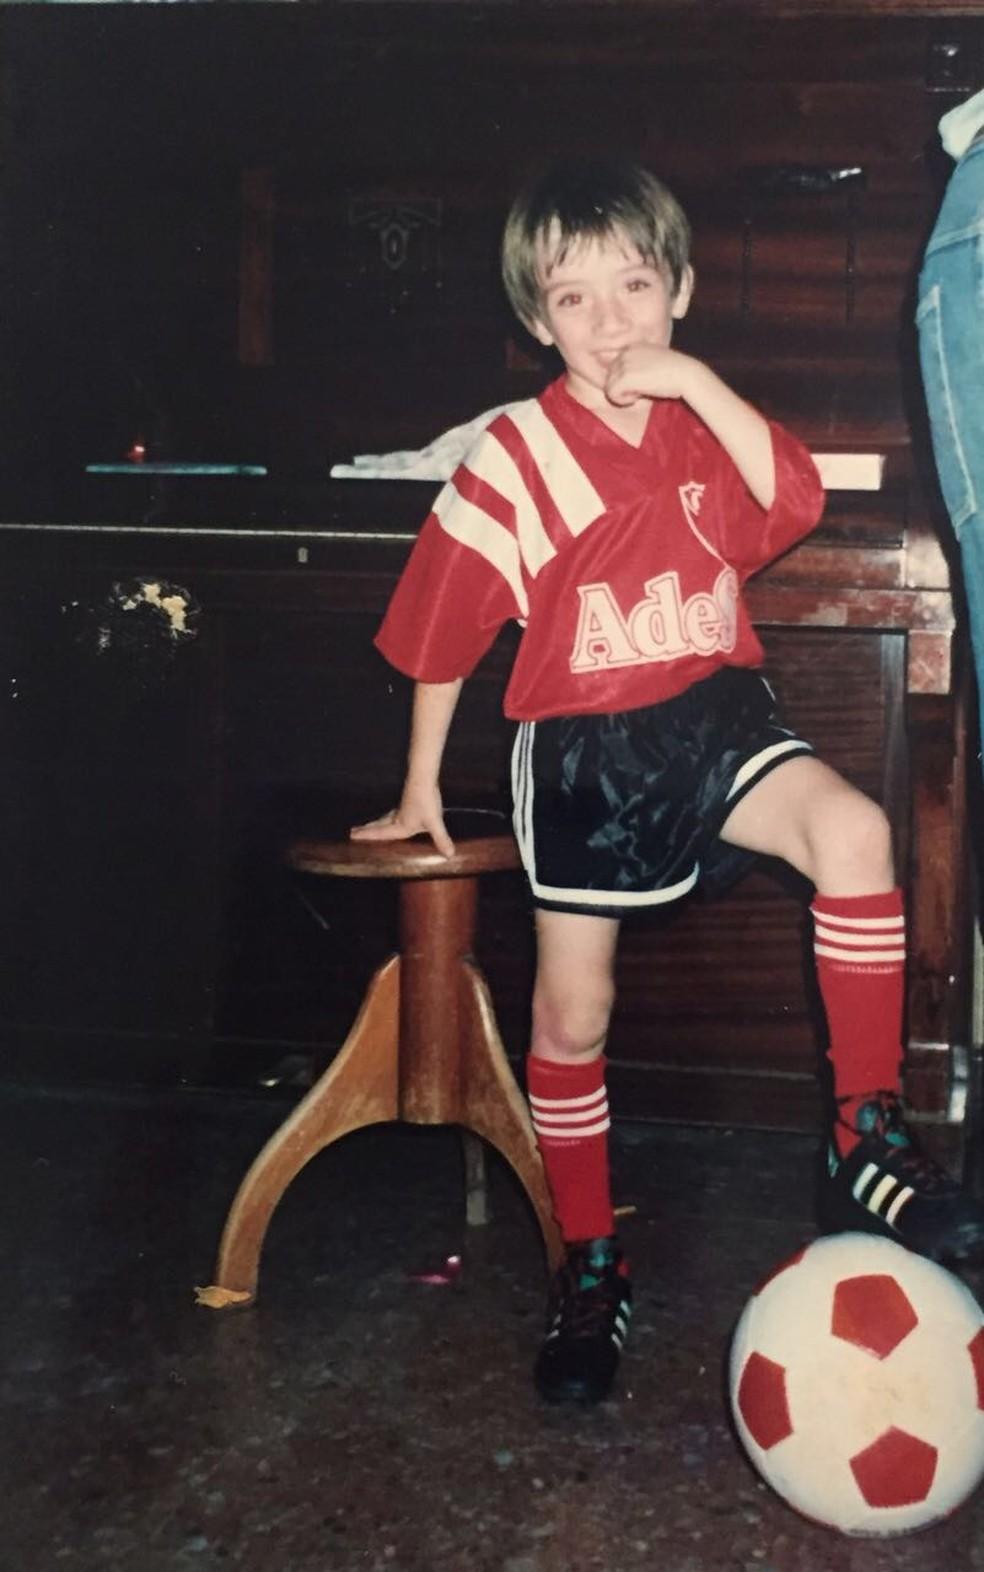 Federico Mancuello tem fotos de infância com a camisa do Independiente, rival do Racing (Foto: Arquivo Pessoal)